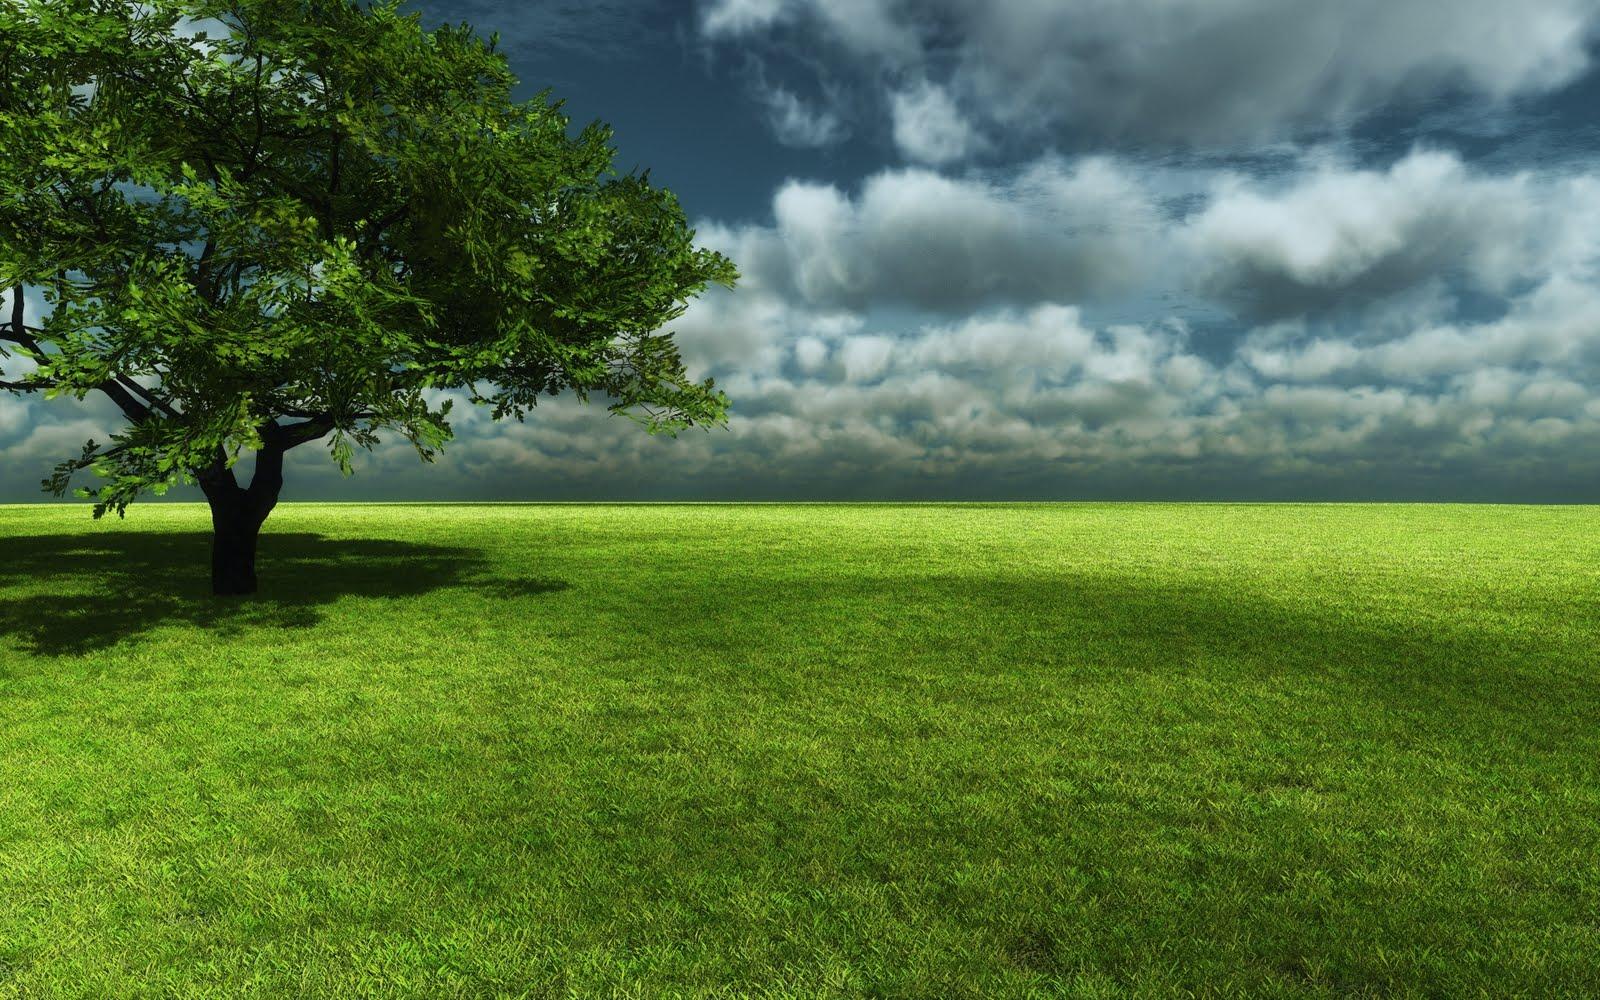 http://1.bp.blogspot.com/-FAvz_WDUgTY/ThwKzeg5JUI/AAAAAAAABpc/64YYh2wdeNo/s1600/hd_desktop_wallpaper_green_grassland-2_1920_x_1200.jpg